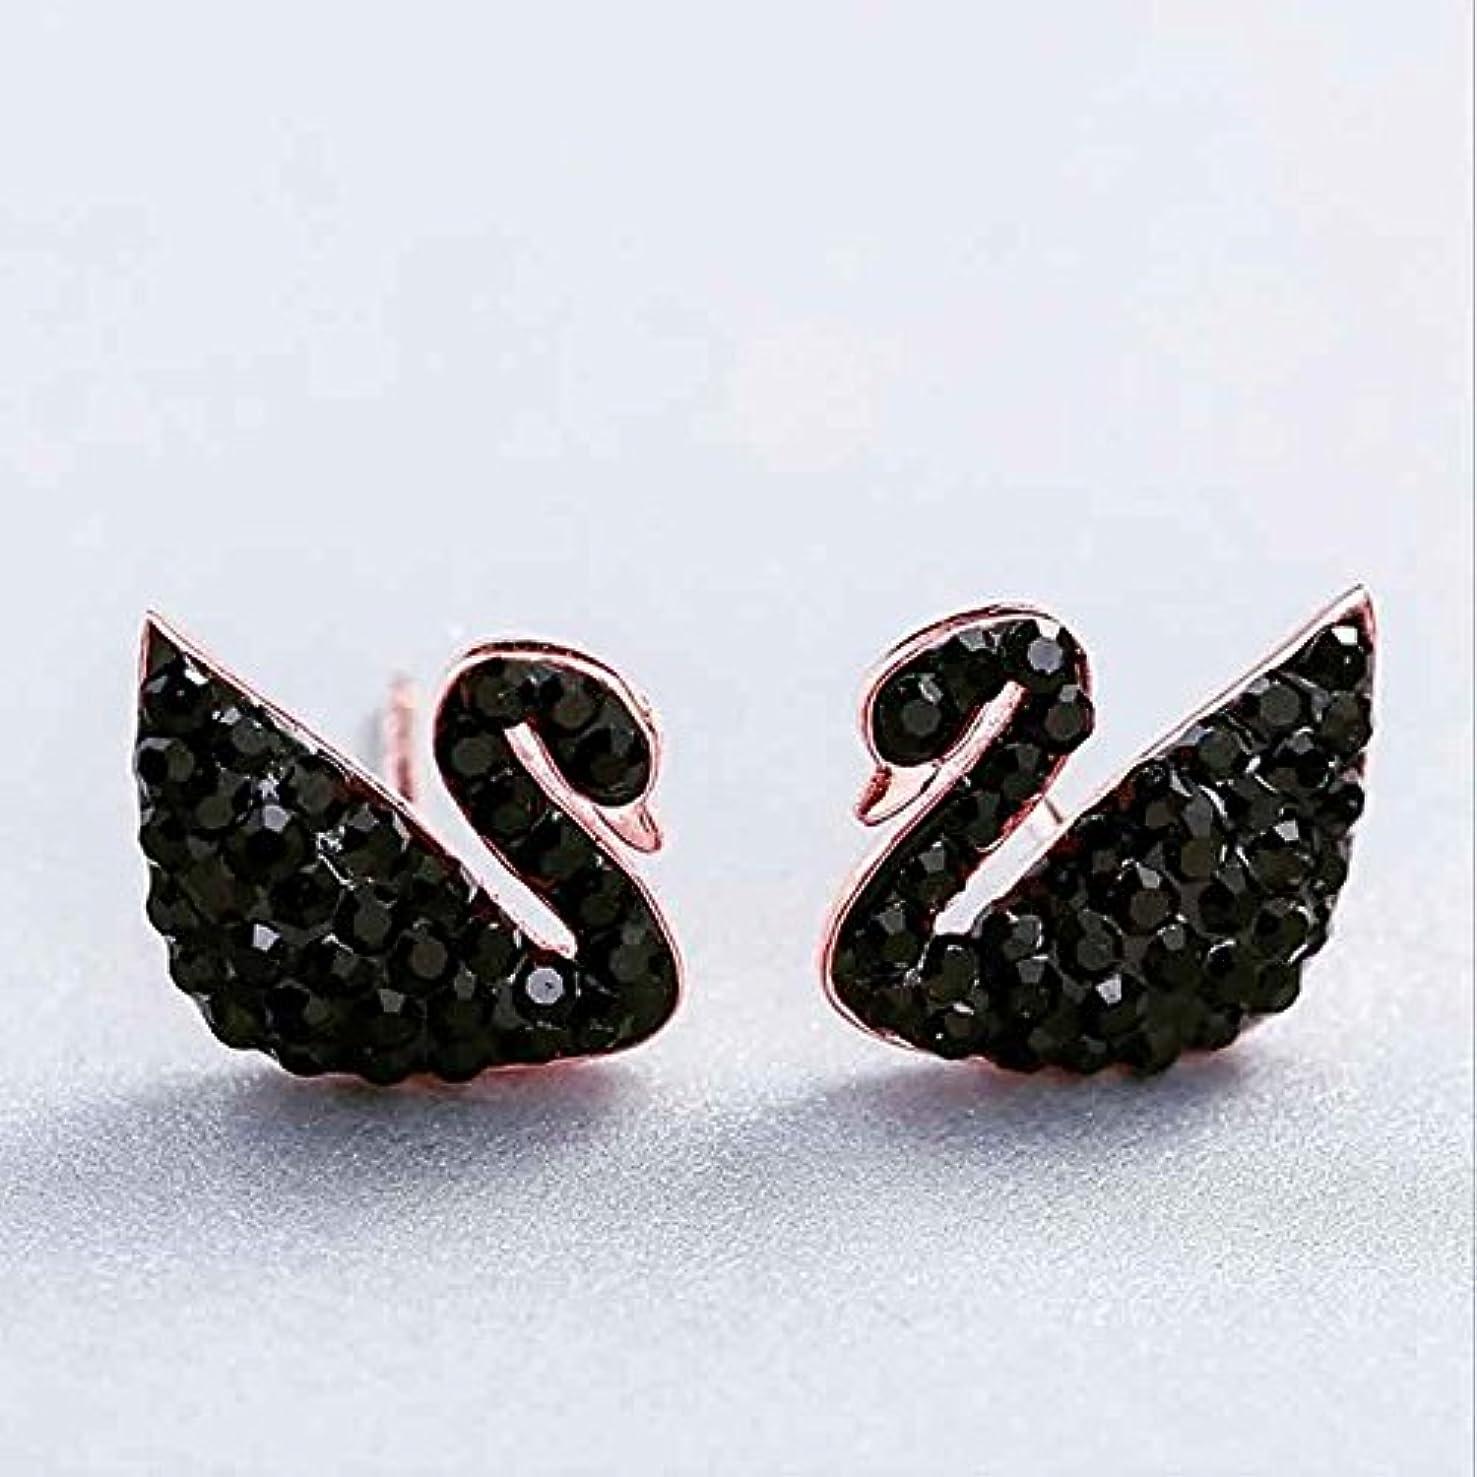 Black Swan full diamond earrings personalized earrings sweet temperament women girls